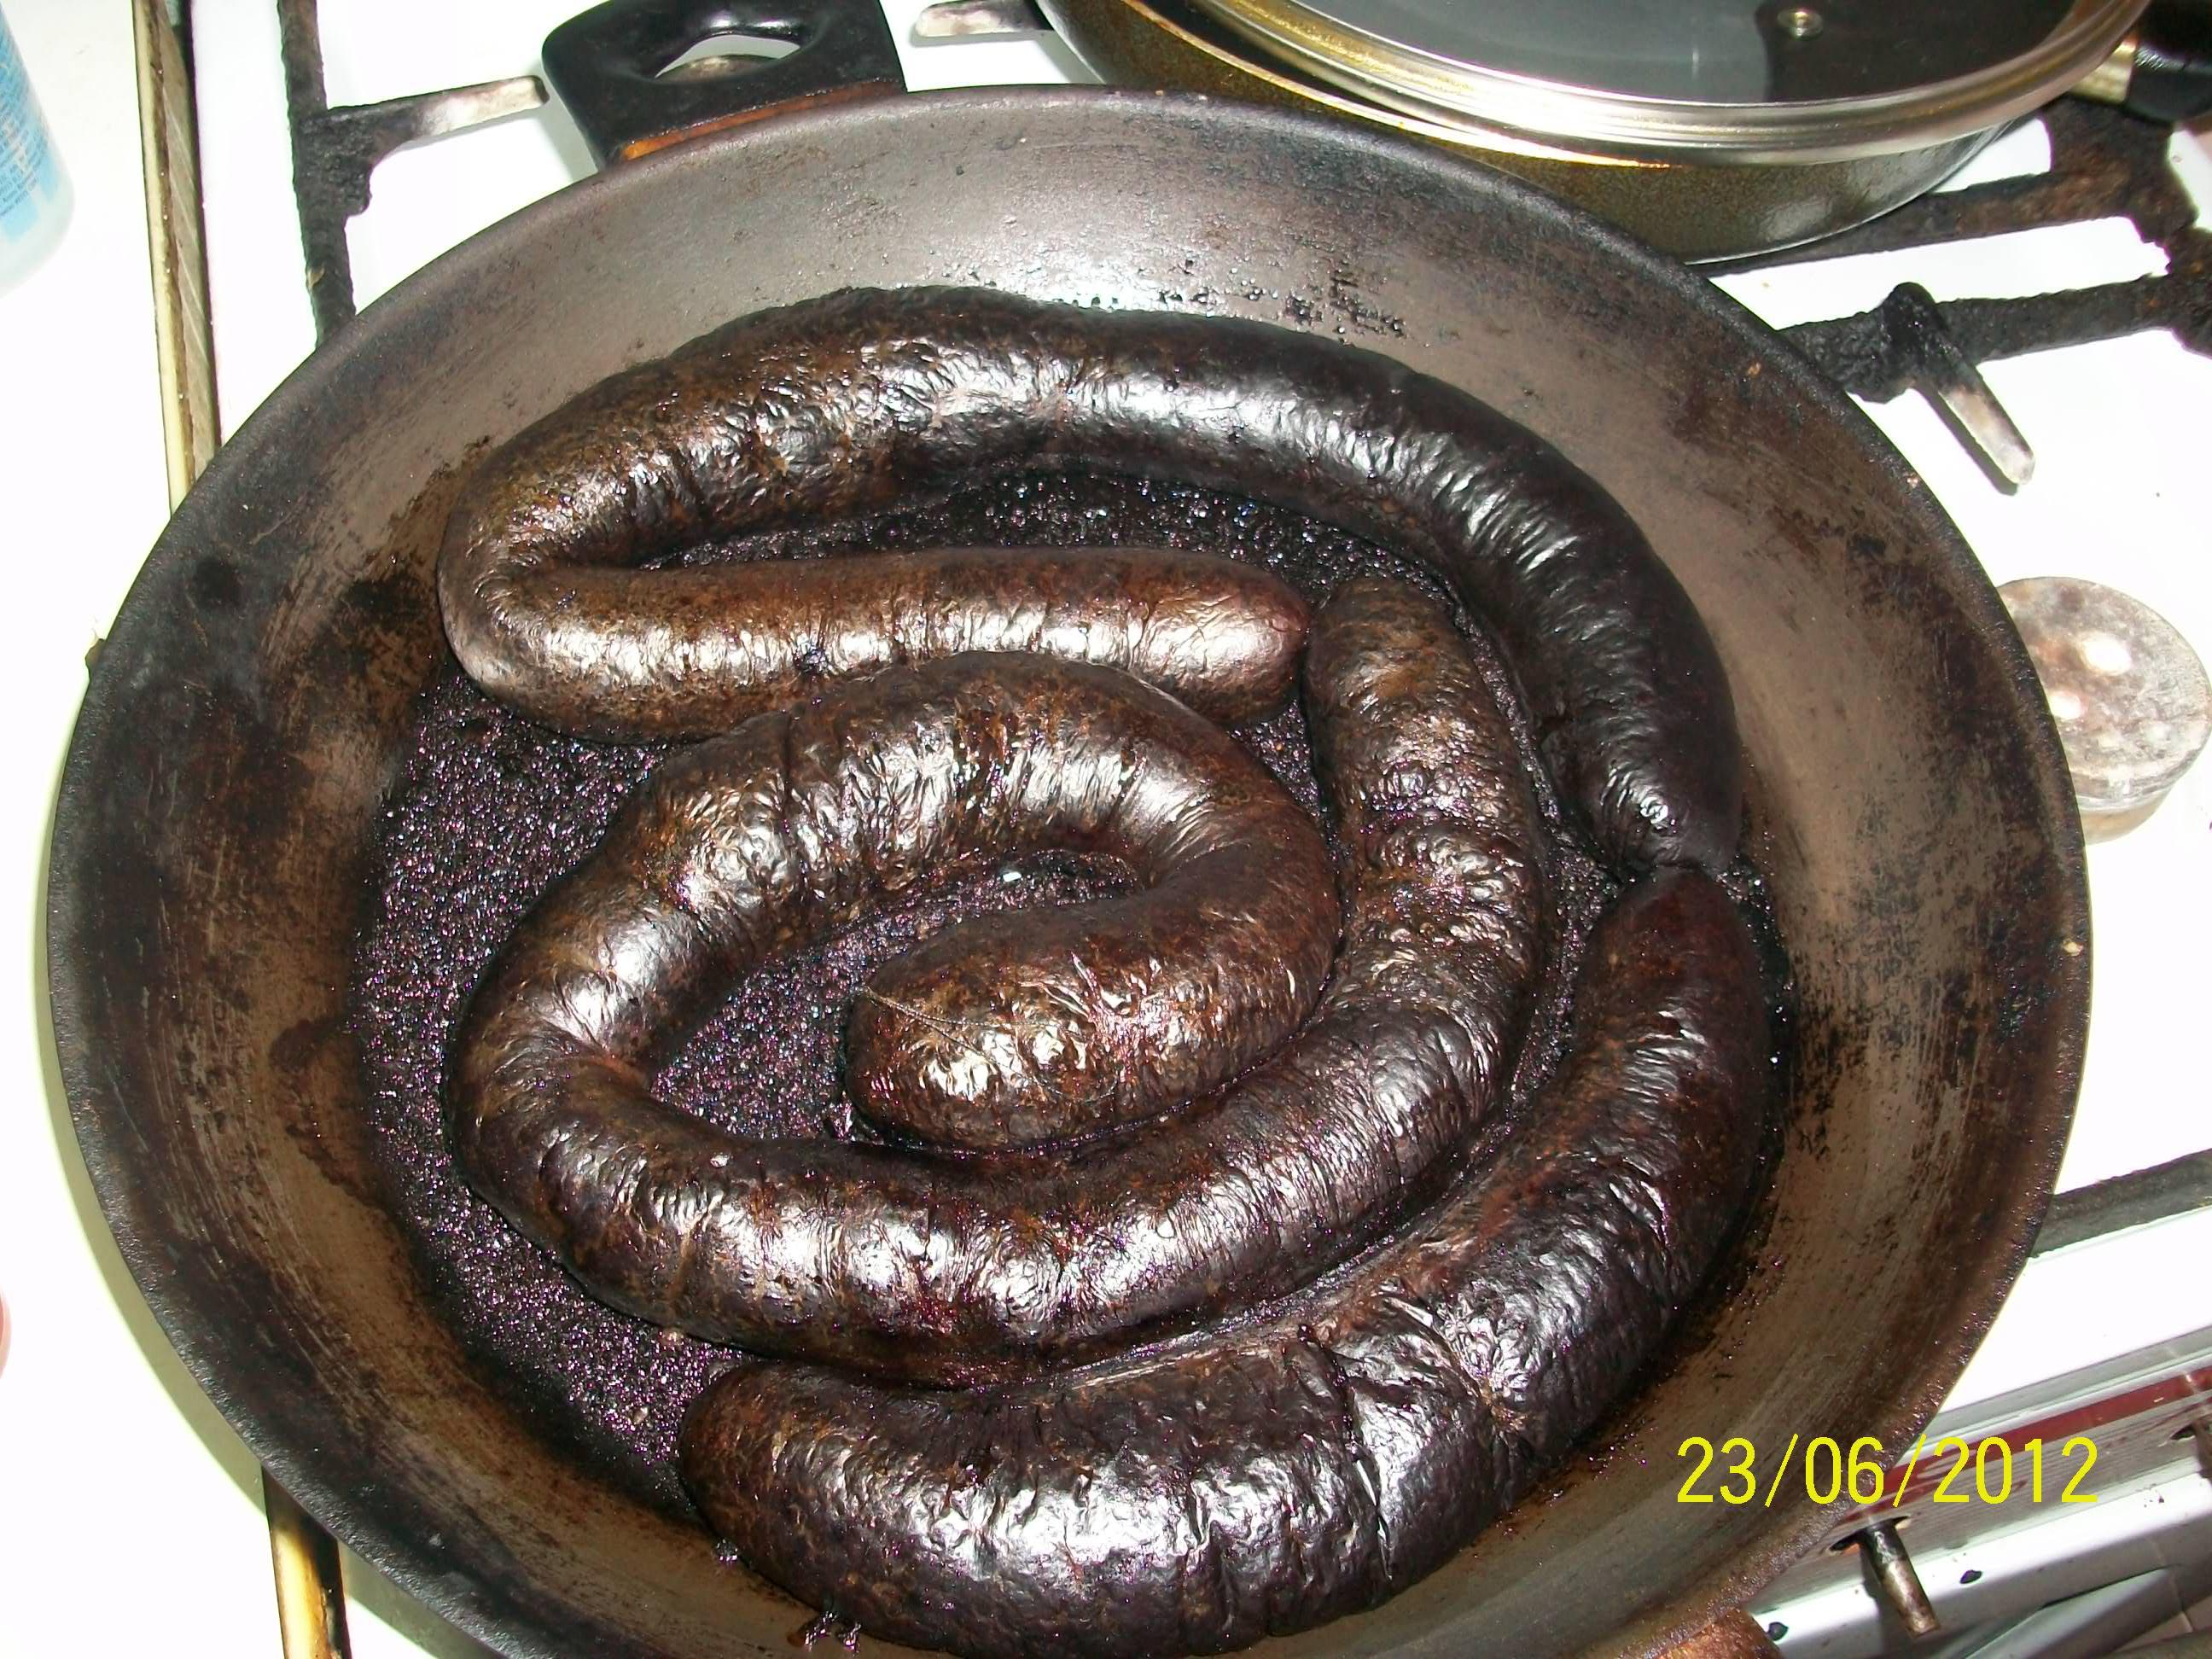 Как сделать кровяную колбасу в домашних условиях фото